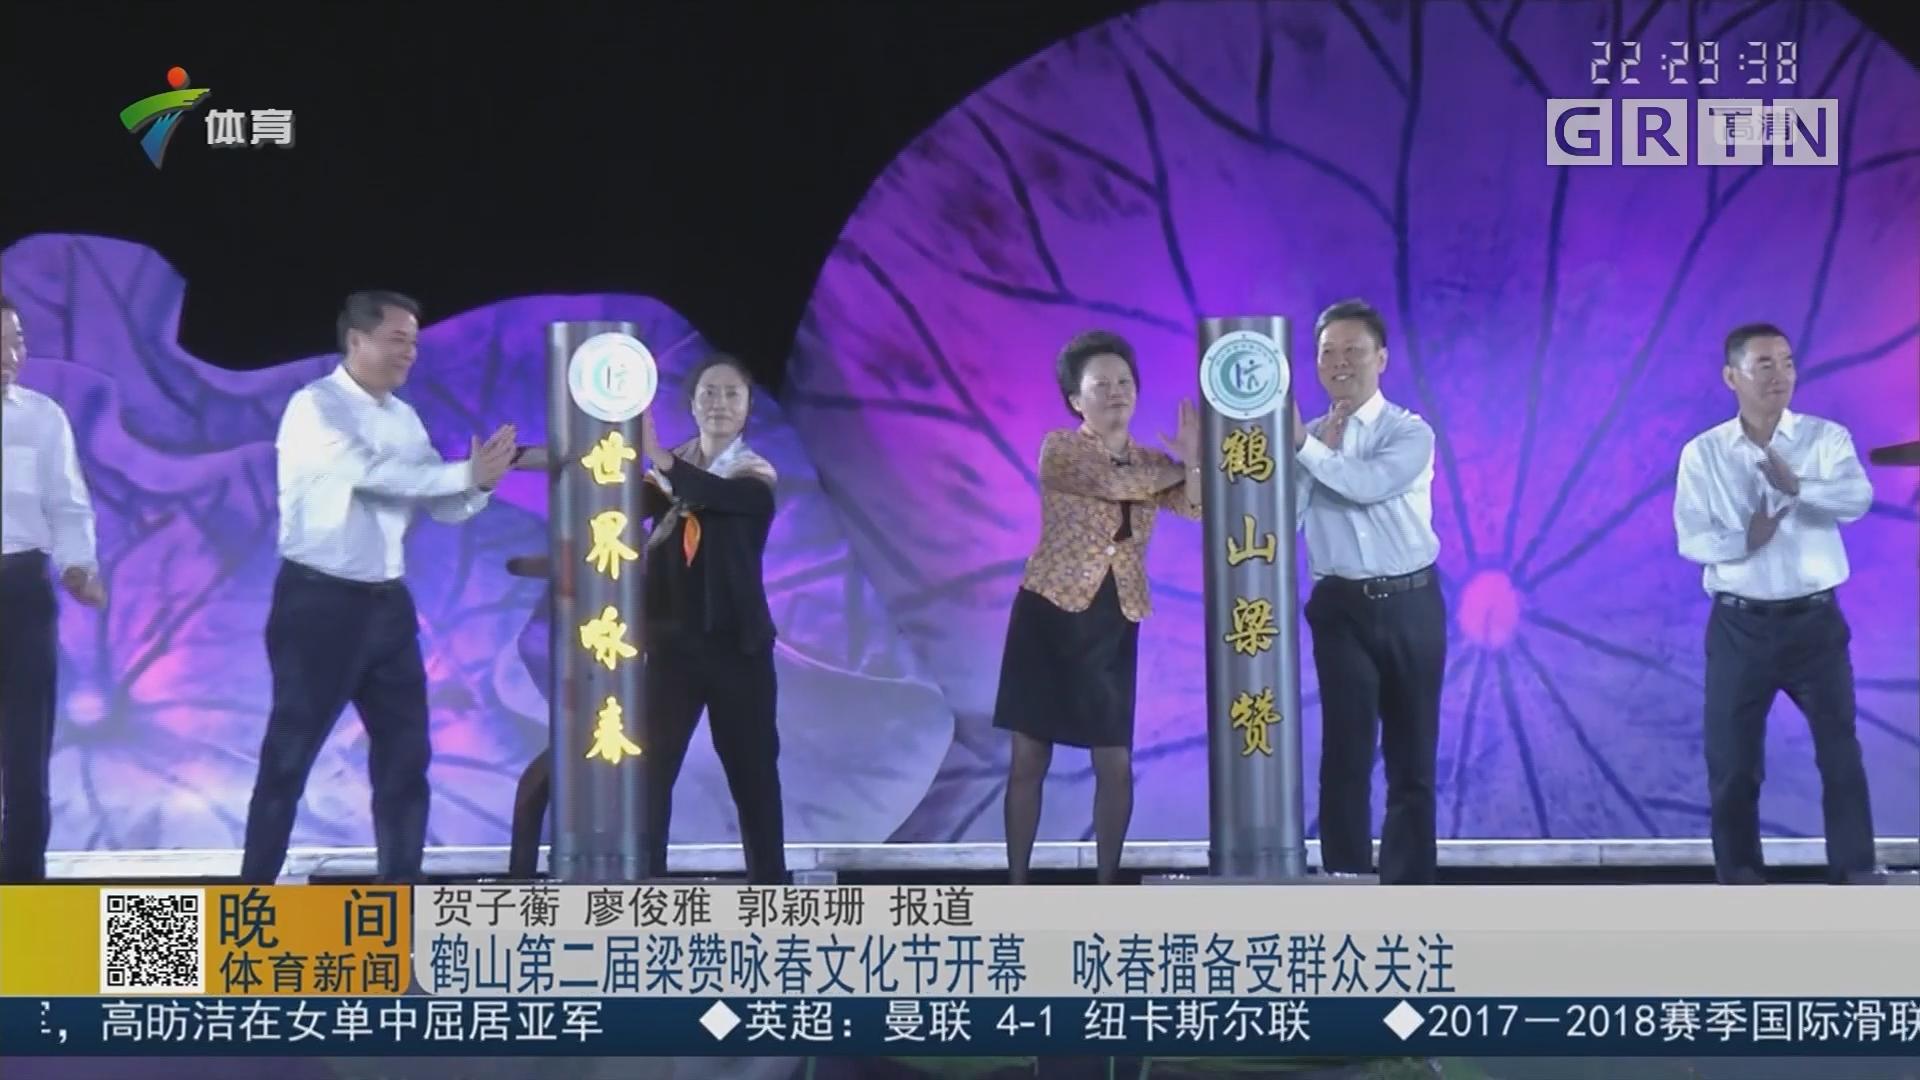 鹤山第二届梁赞咏春文化节开幕 咏春擂备受群众关注